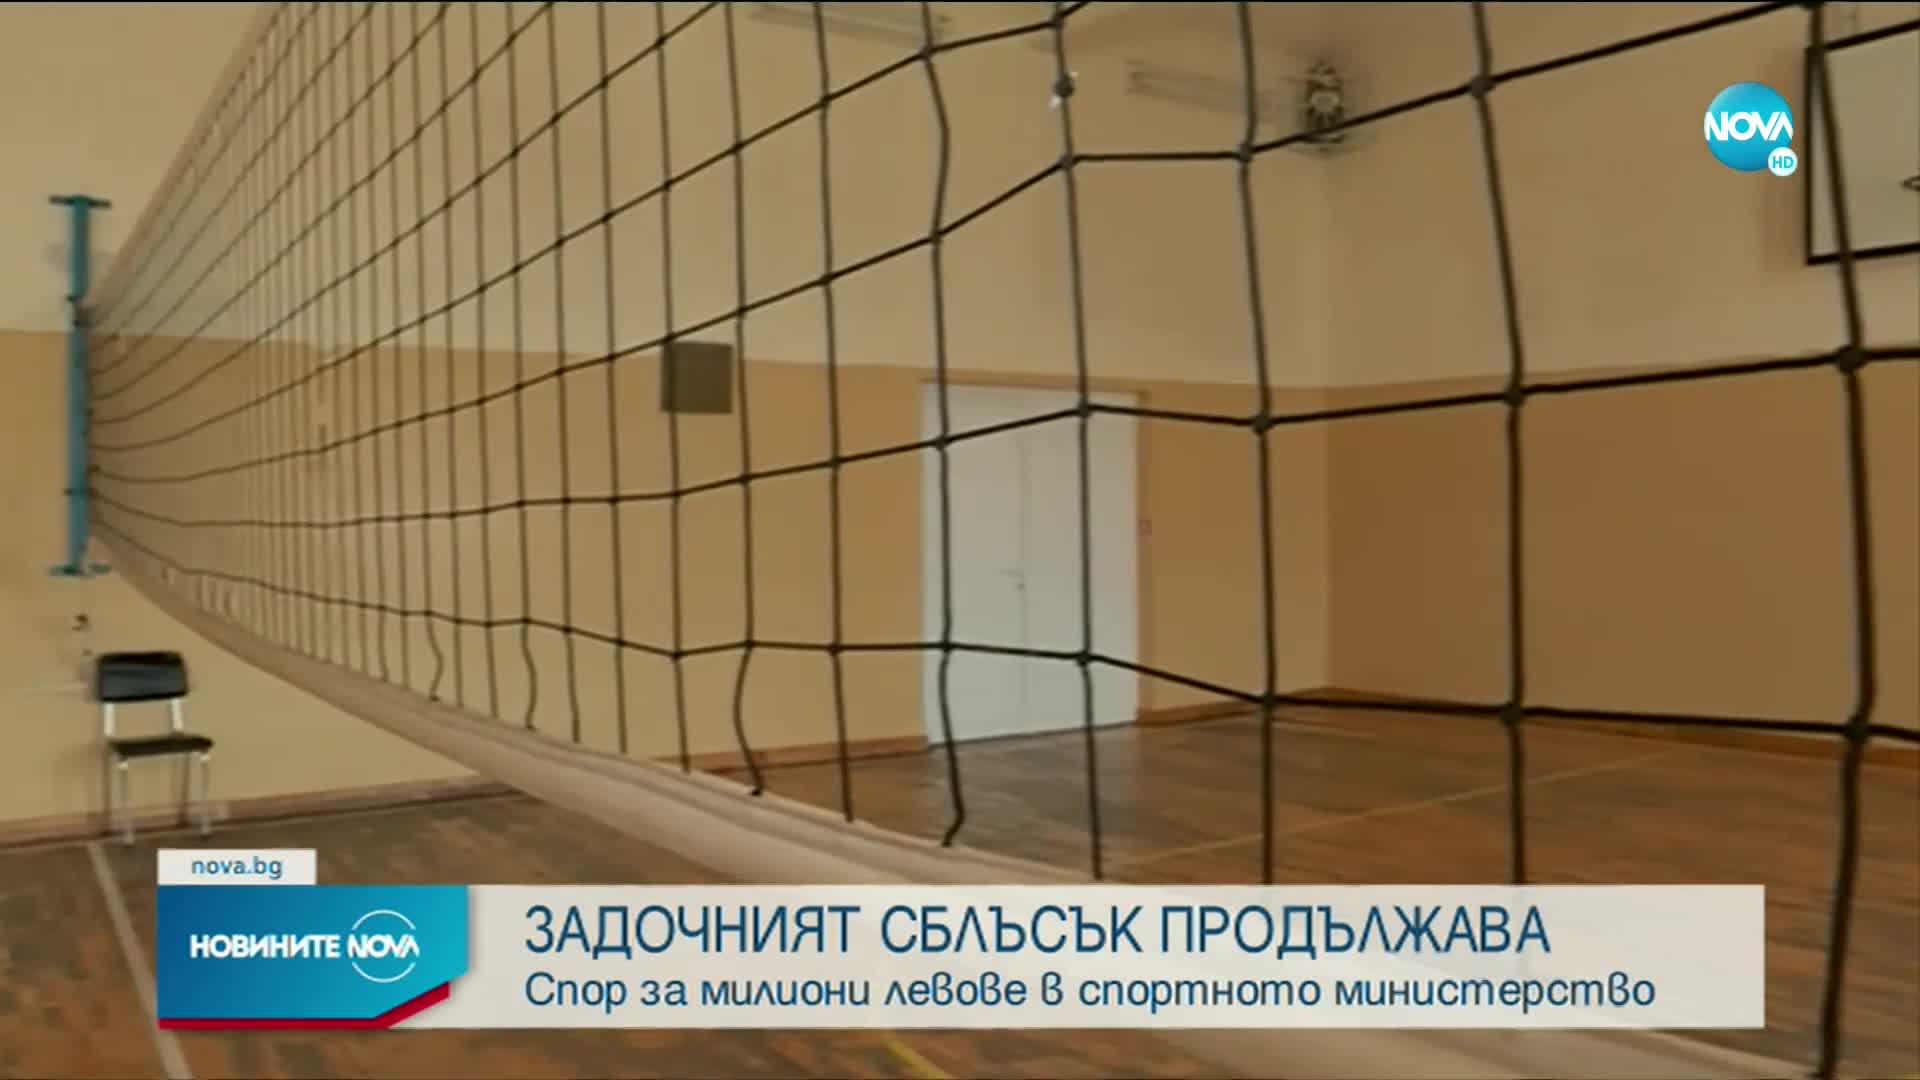 Сметната палата започва проверка в спортното министерство